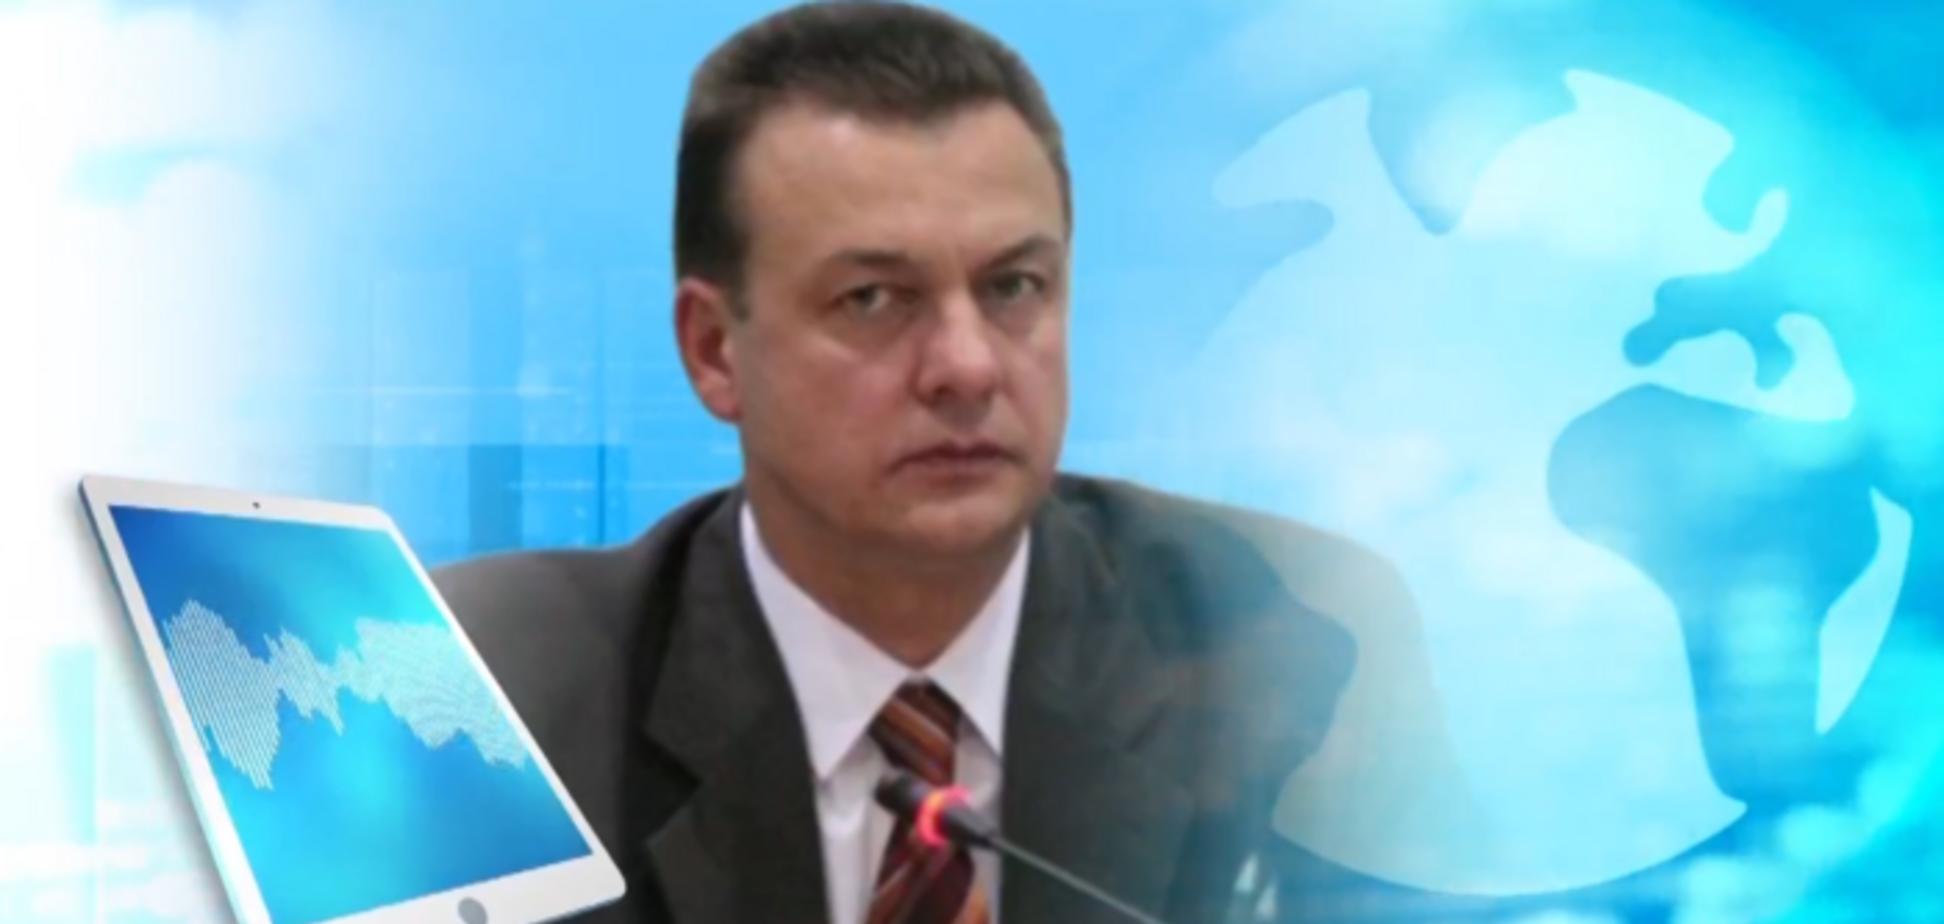 Срыв выборов удалось предотвратить: в ЦИК сообщили о решении проблемы